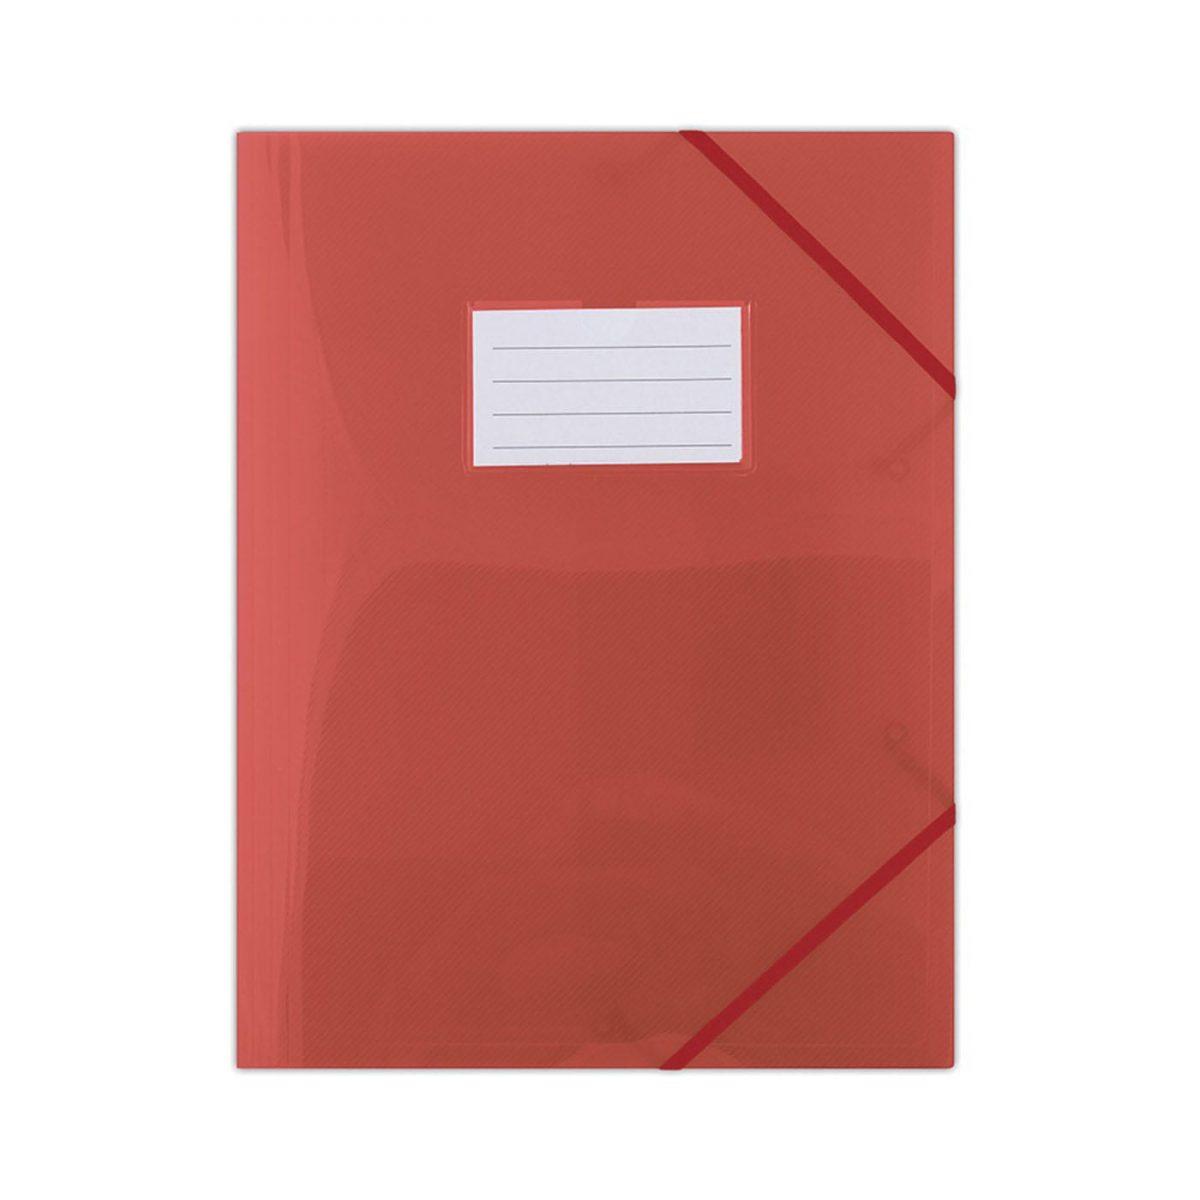 Mapa plastic cu elastic pe colturi, cu eticheta, 480 microni, DONAU - rosu transparent